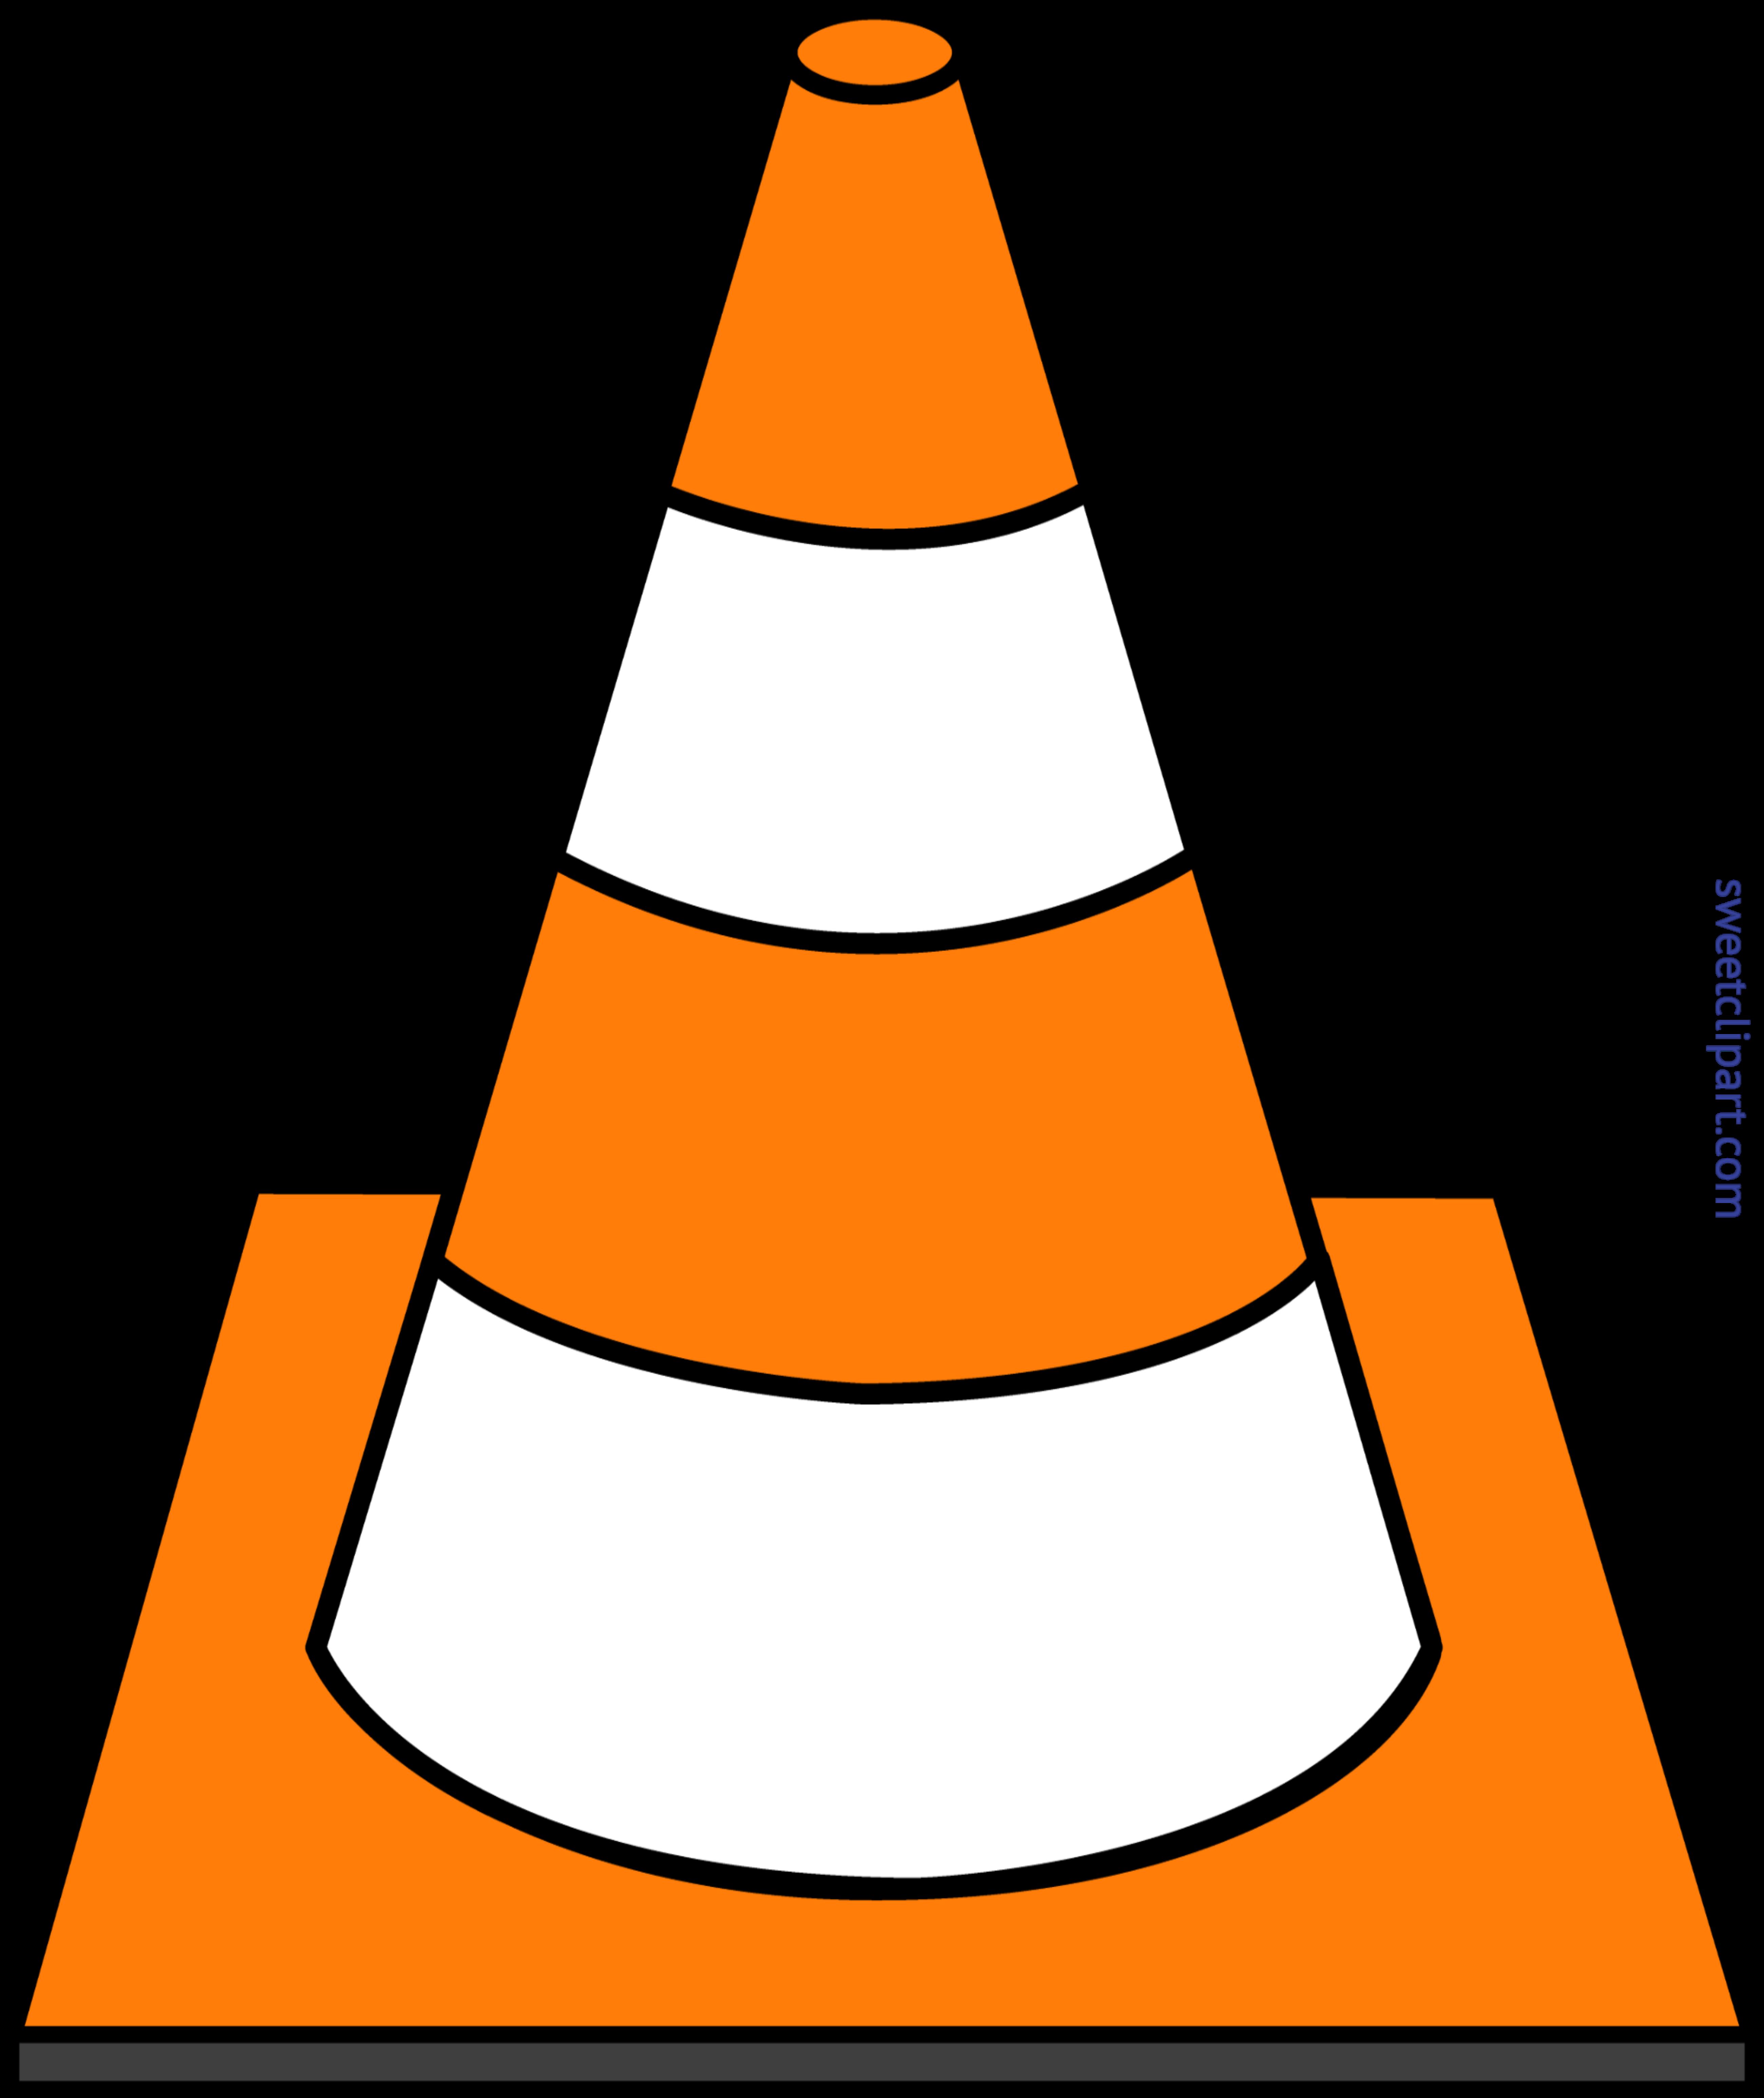 5199x6184 Construction Cone Striped Clip Art